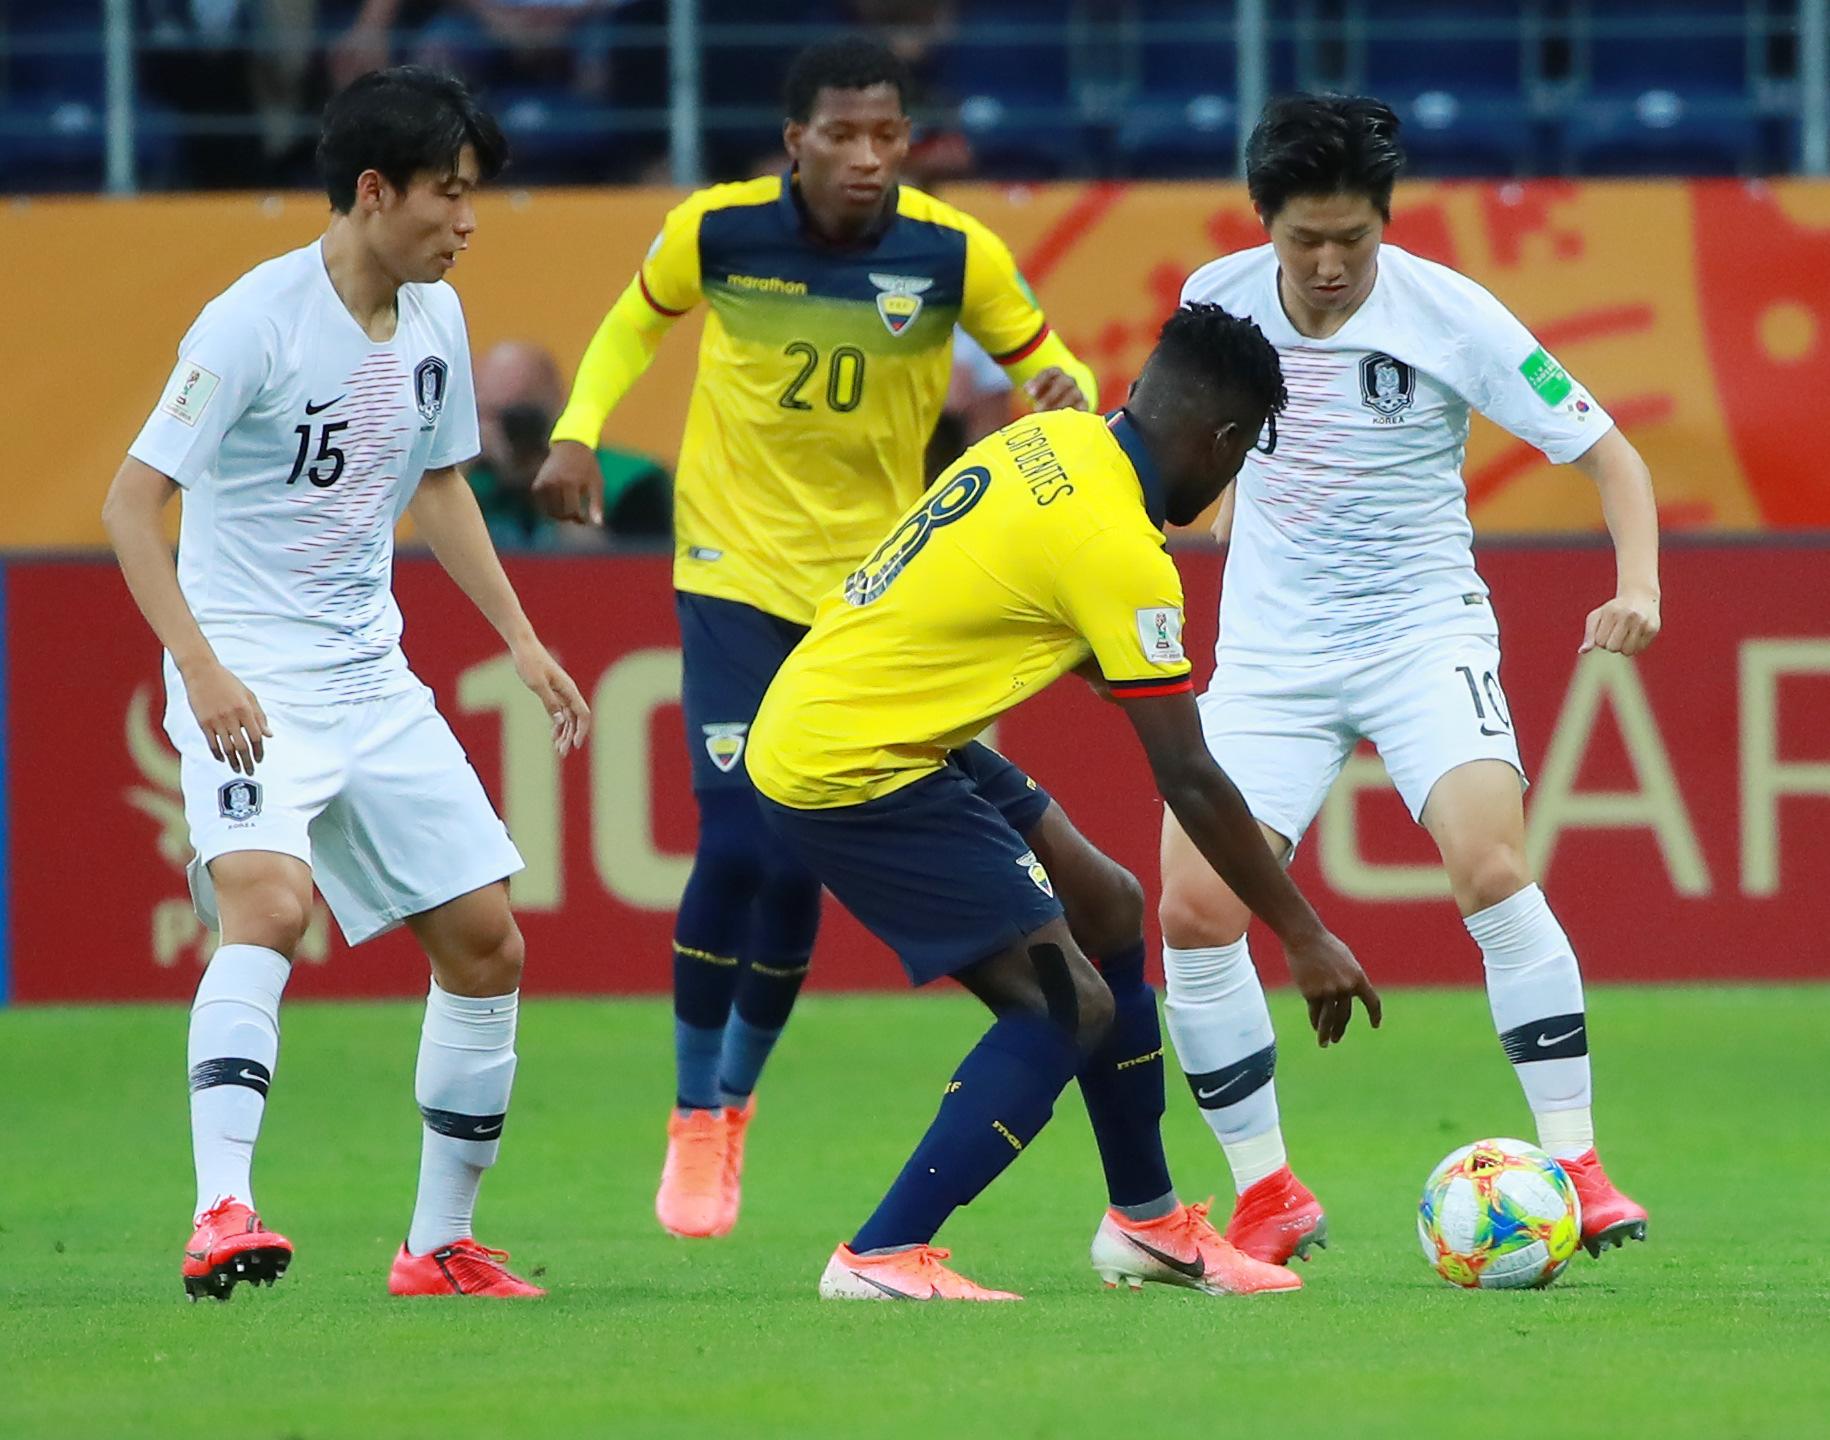 12일 U-20 월드컵 4강전 한국과 에콰도르의 경기.   전반 이강인이 에콰도르 수비를 제치며 돌파하고 있다. [연합뉴]